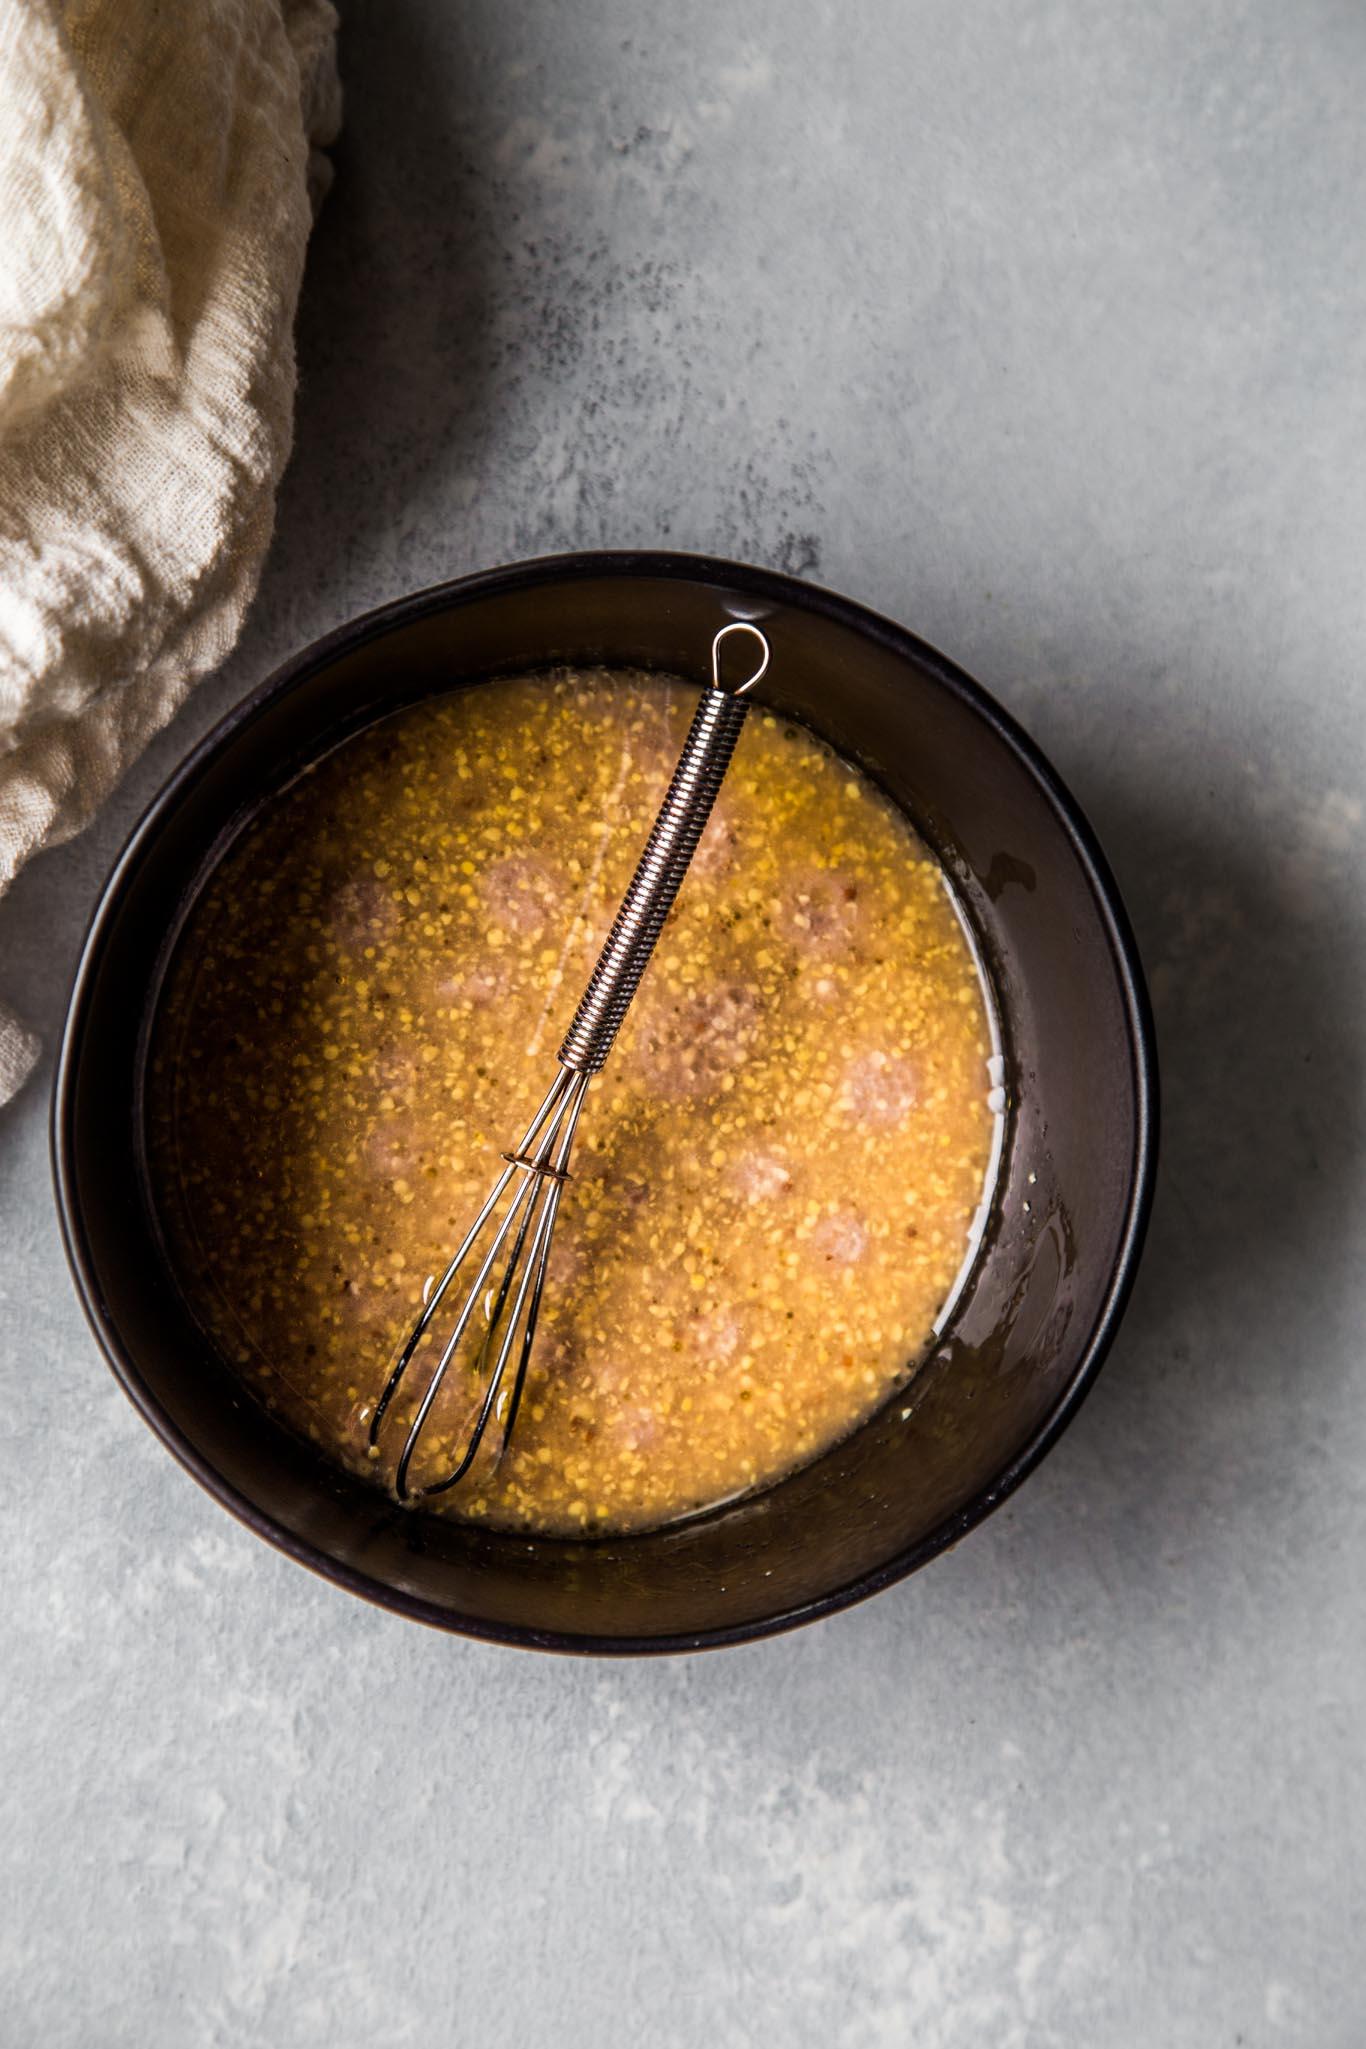 Mustard vinaigrette in a bowl